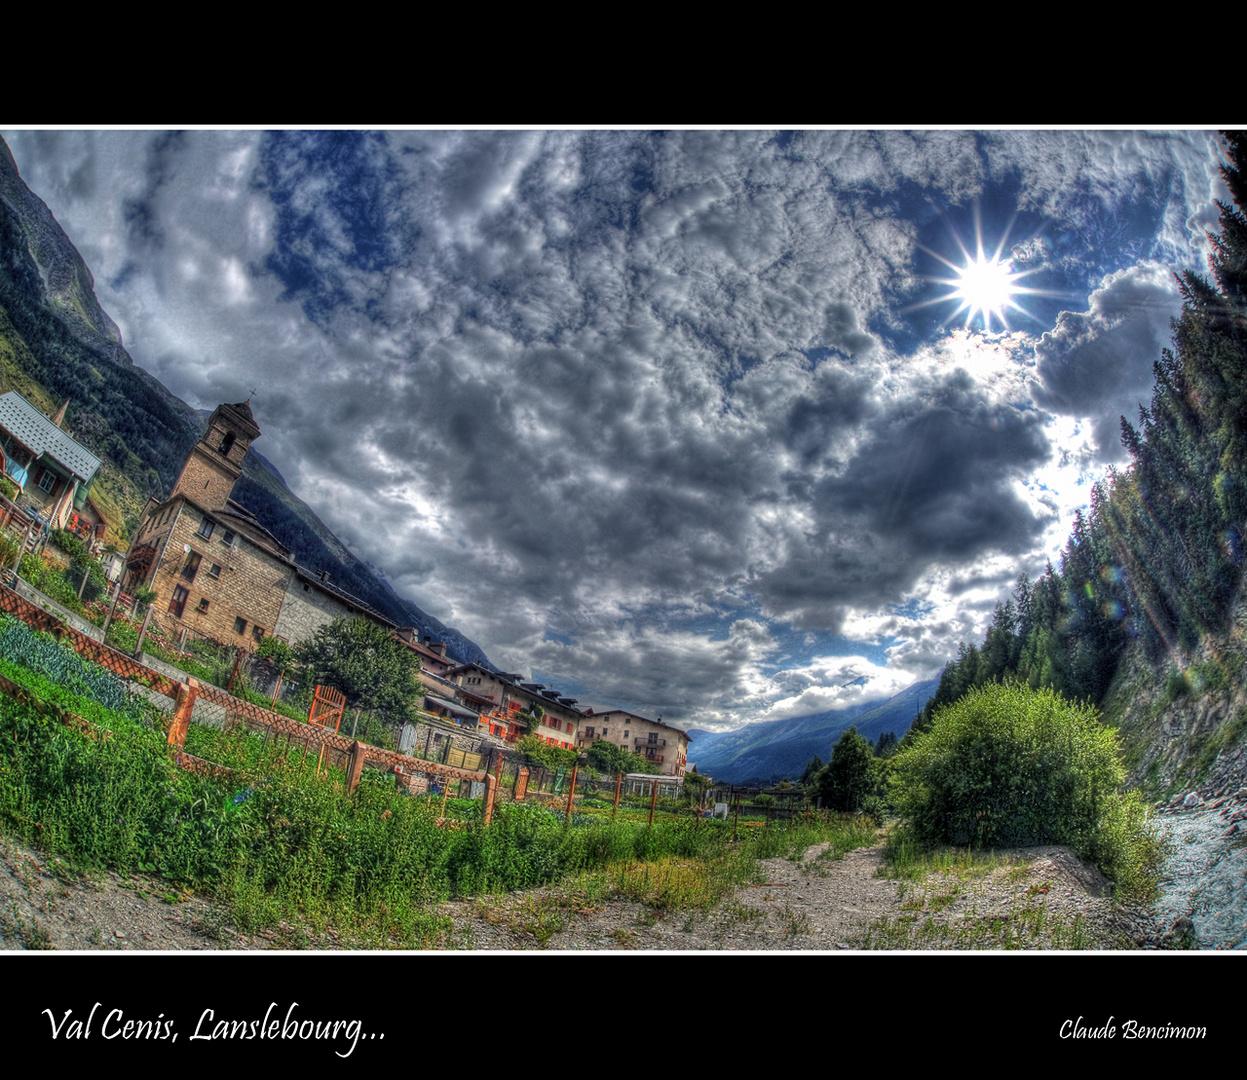 Val Cenis, Lanslebourg